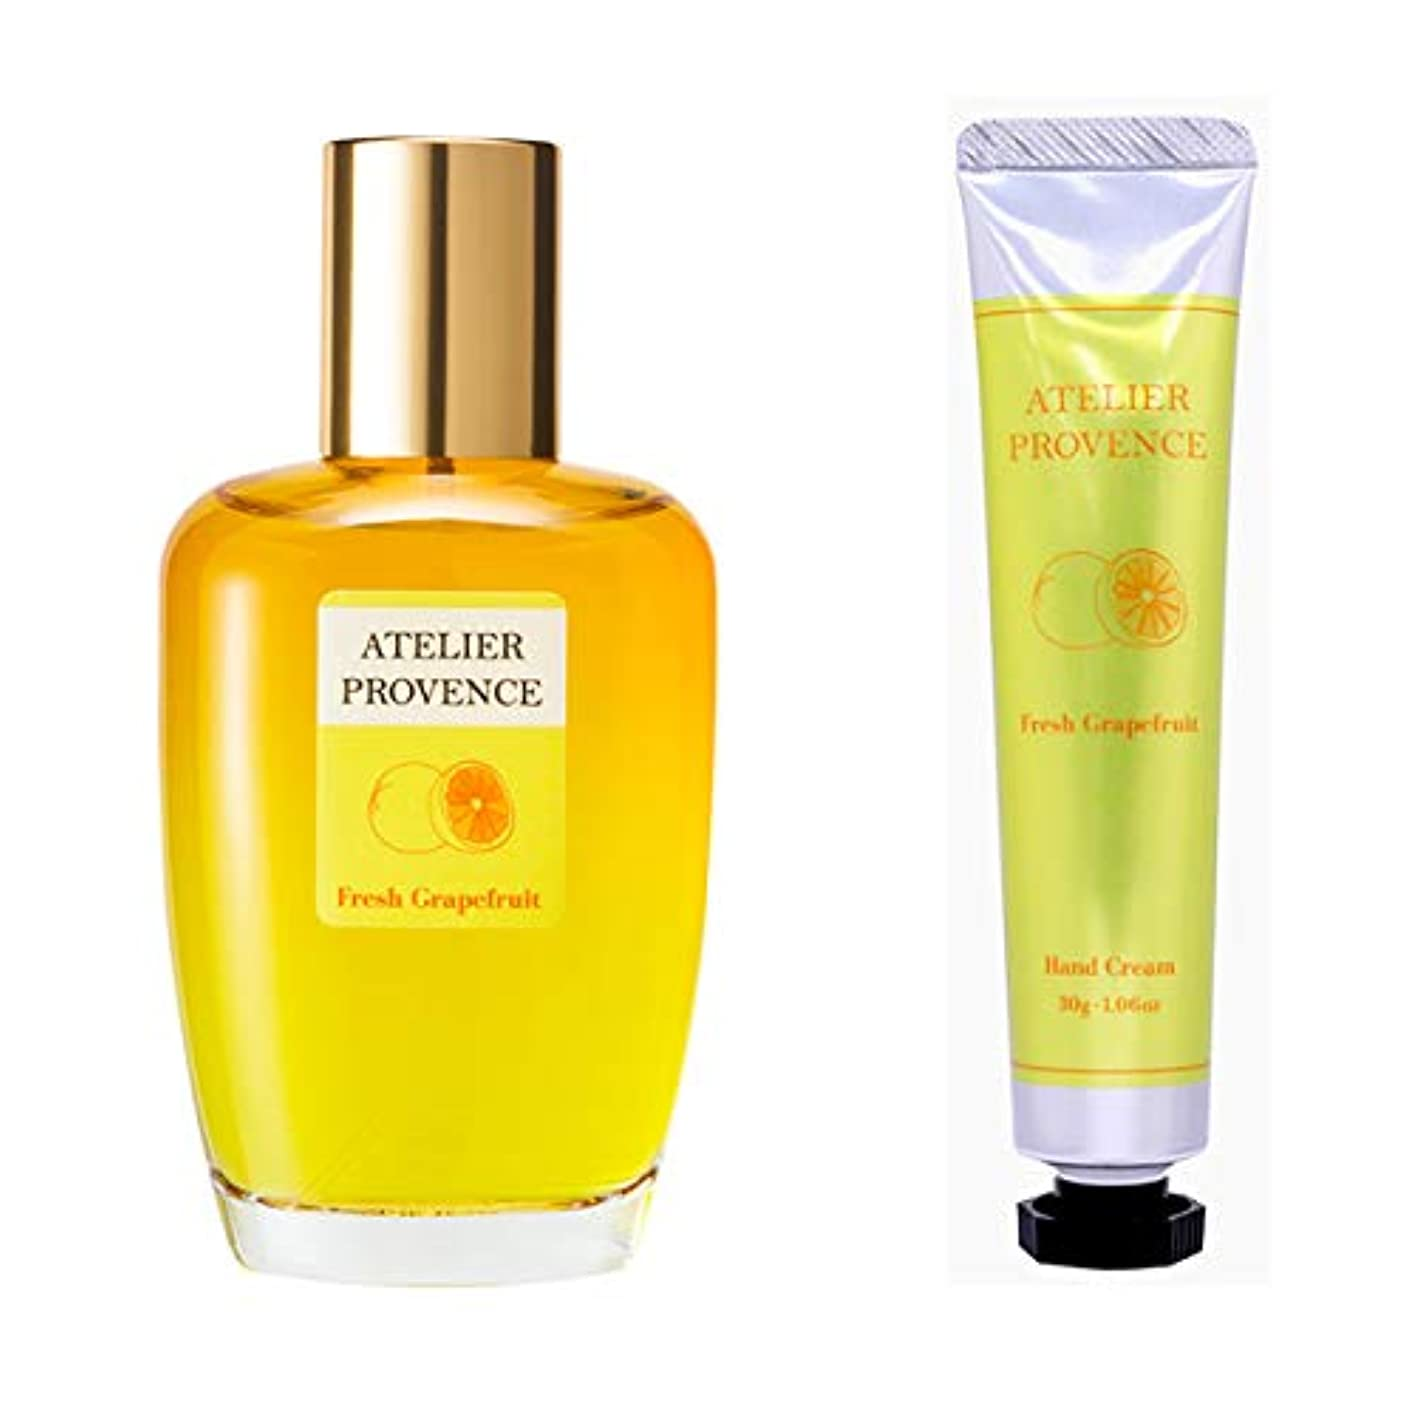 発送欠陥許容アトリエ プロヴァンス ATELIER PROVENCE フレッシュグレープフルーツの香り コフレセット(EDT90ml+ハンドクリーム30g)